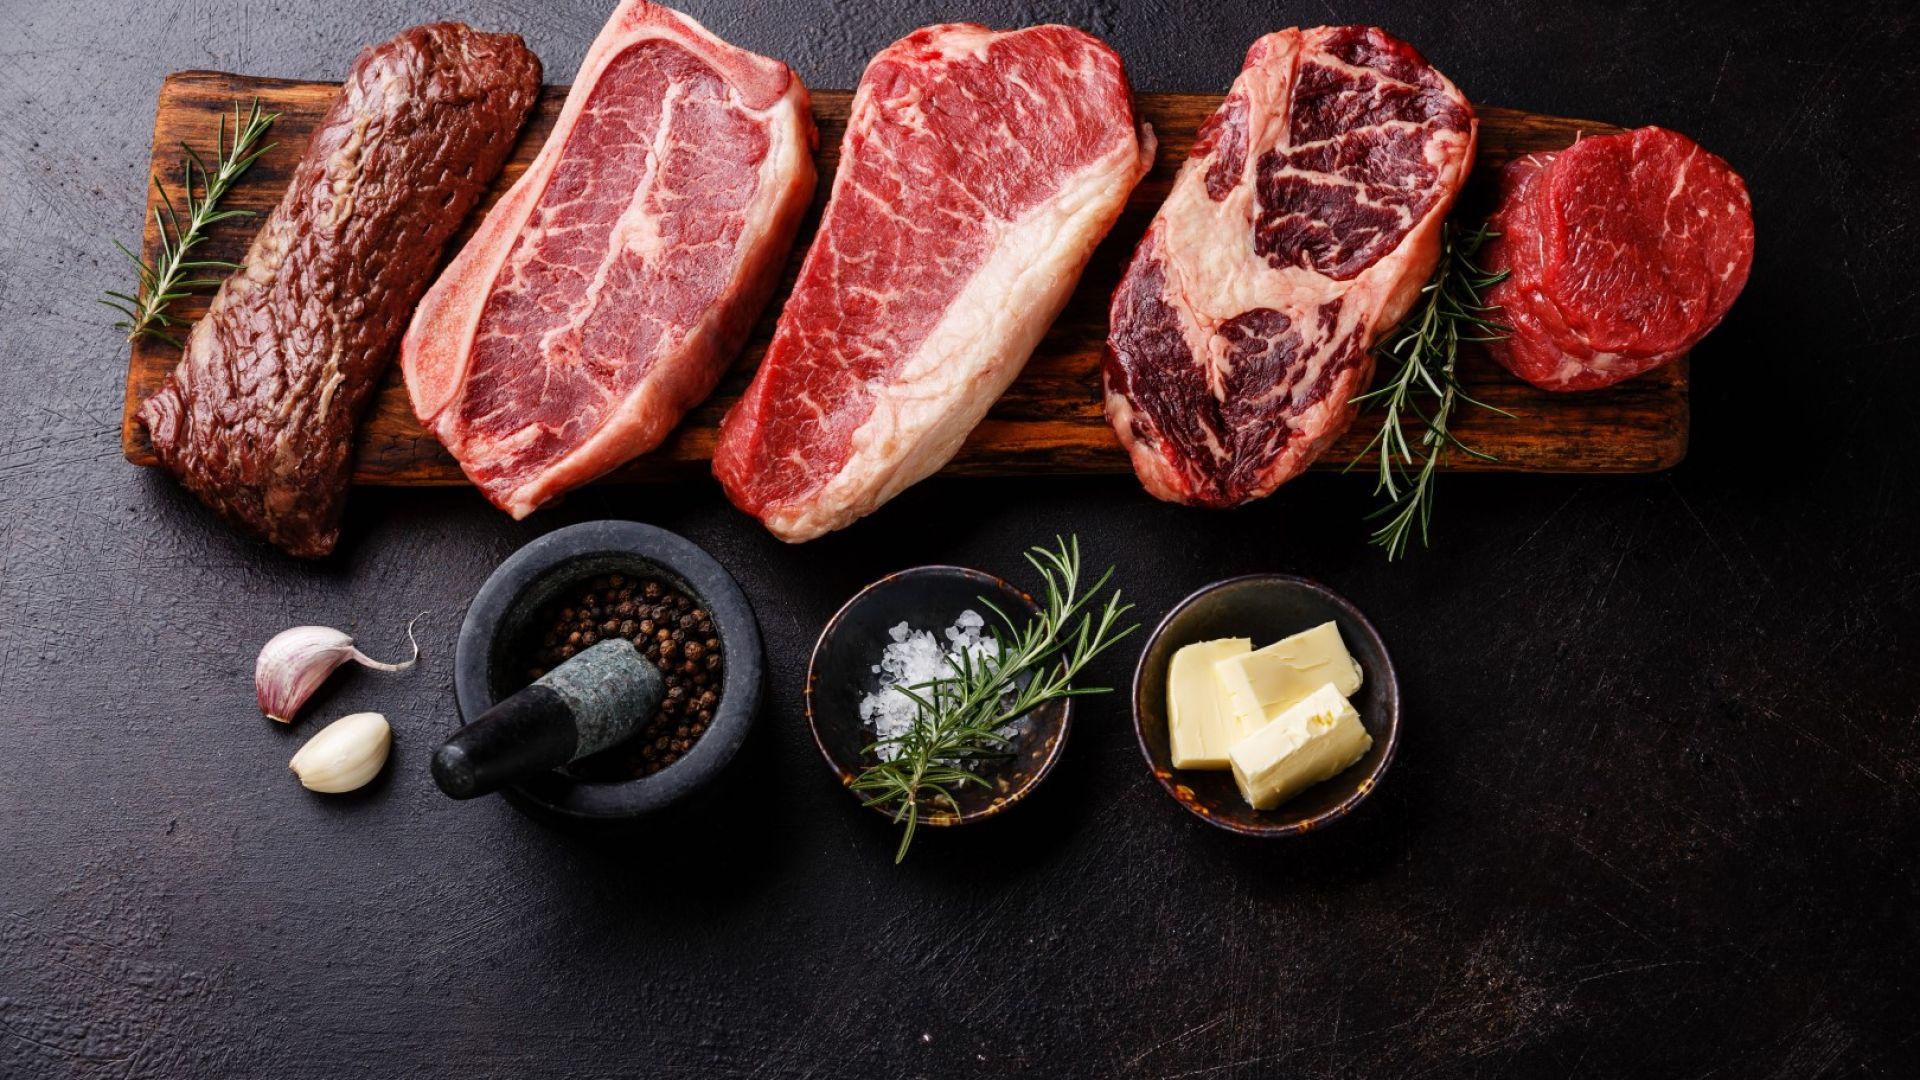 Какво може да ни накара да се откажем изведнъж от месото